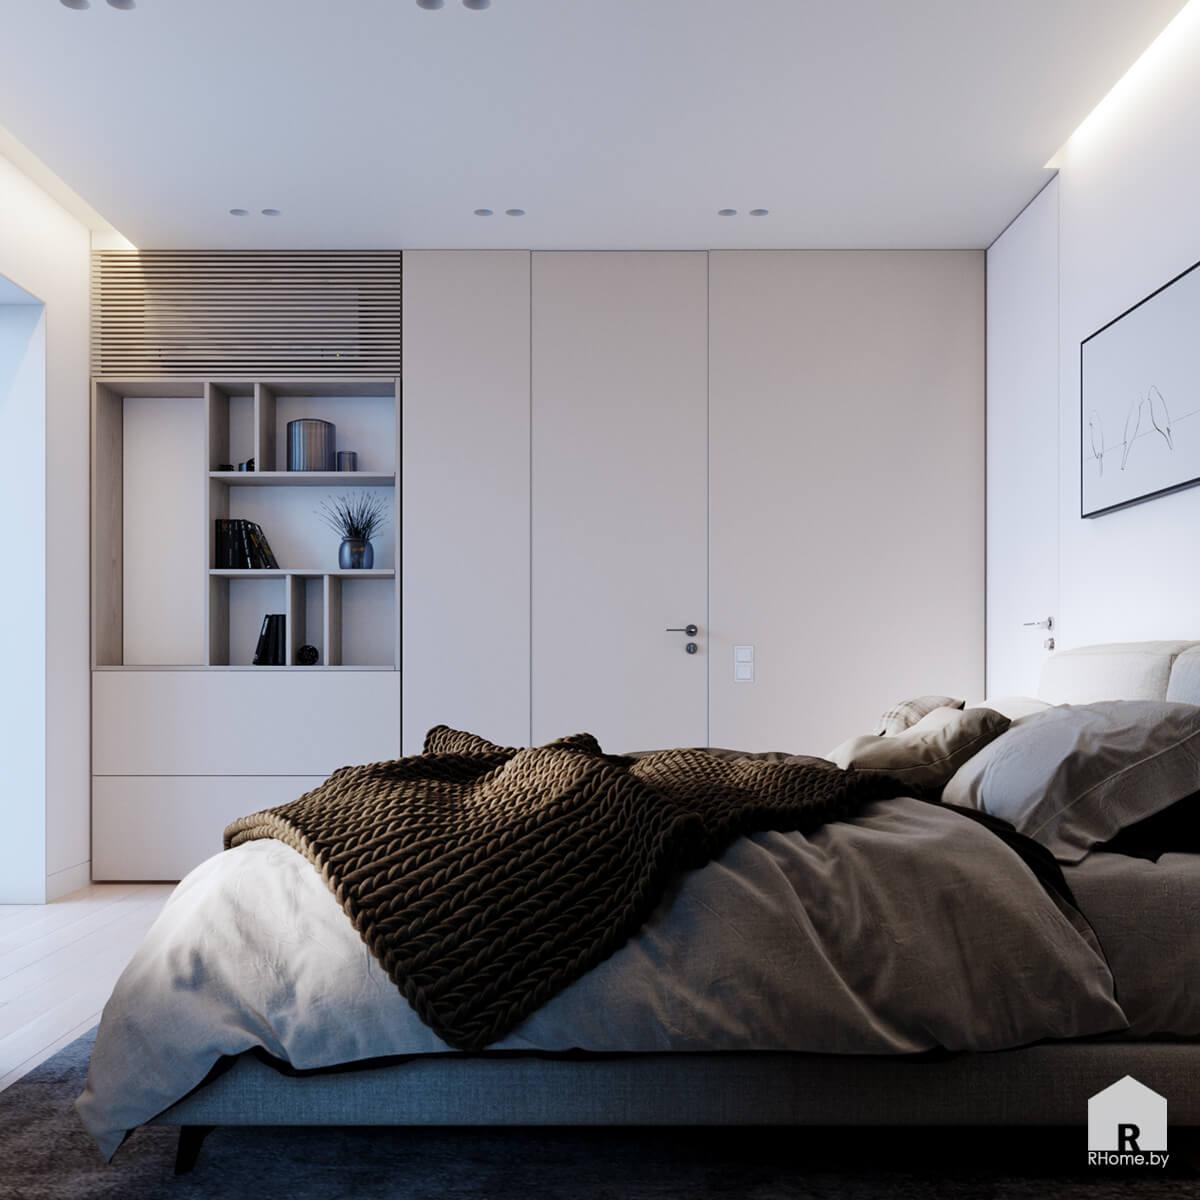 интерьер спальни с большой двуспальной кроватью